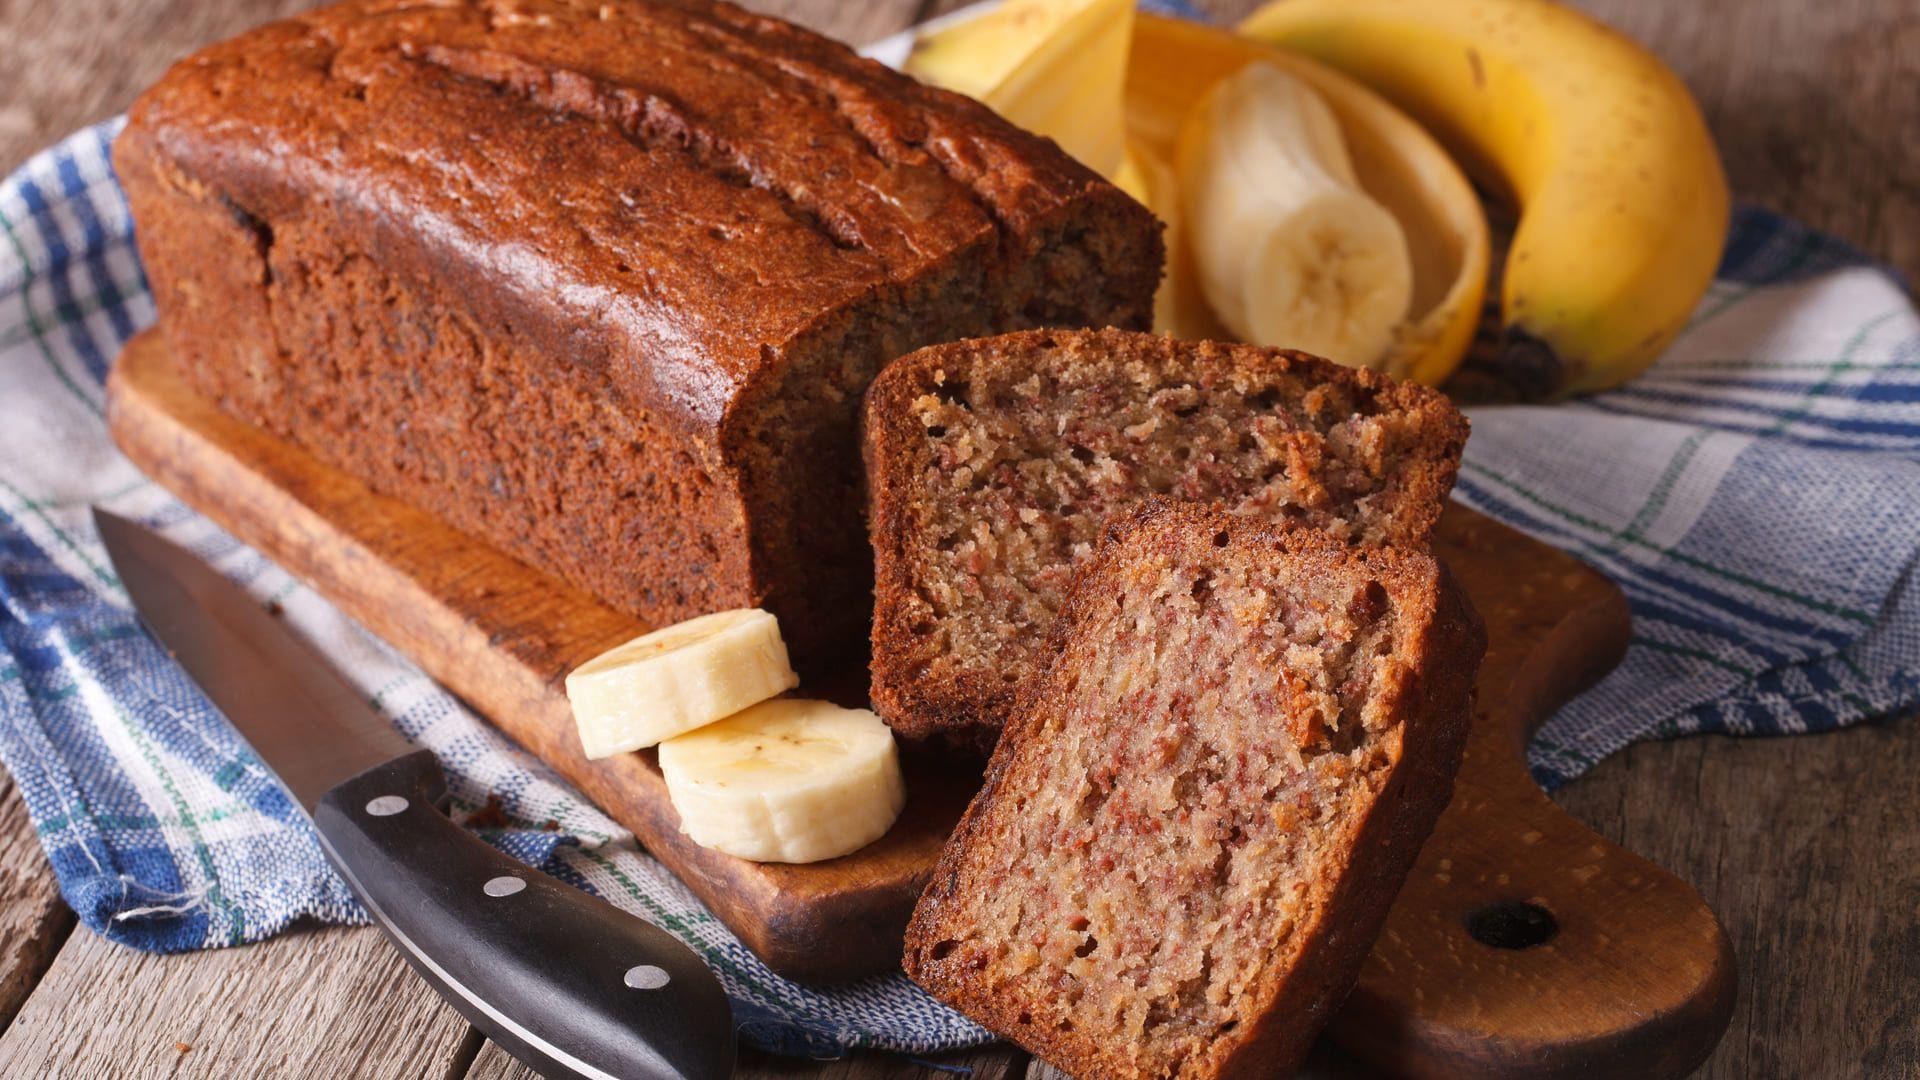 O bolo de banana na airfryer se tornará seu lanche preferido. Confira a receita! (Imagem: Reprodução/Shutterstock)